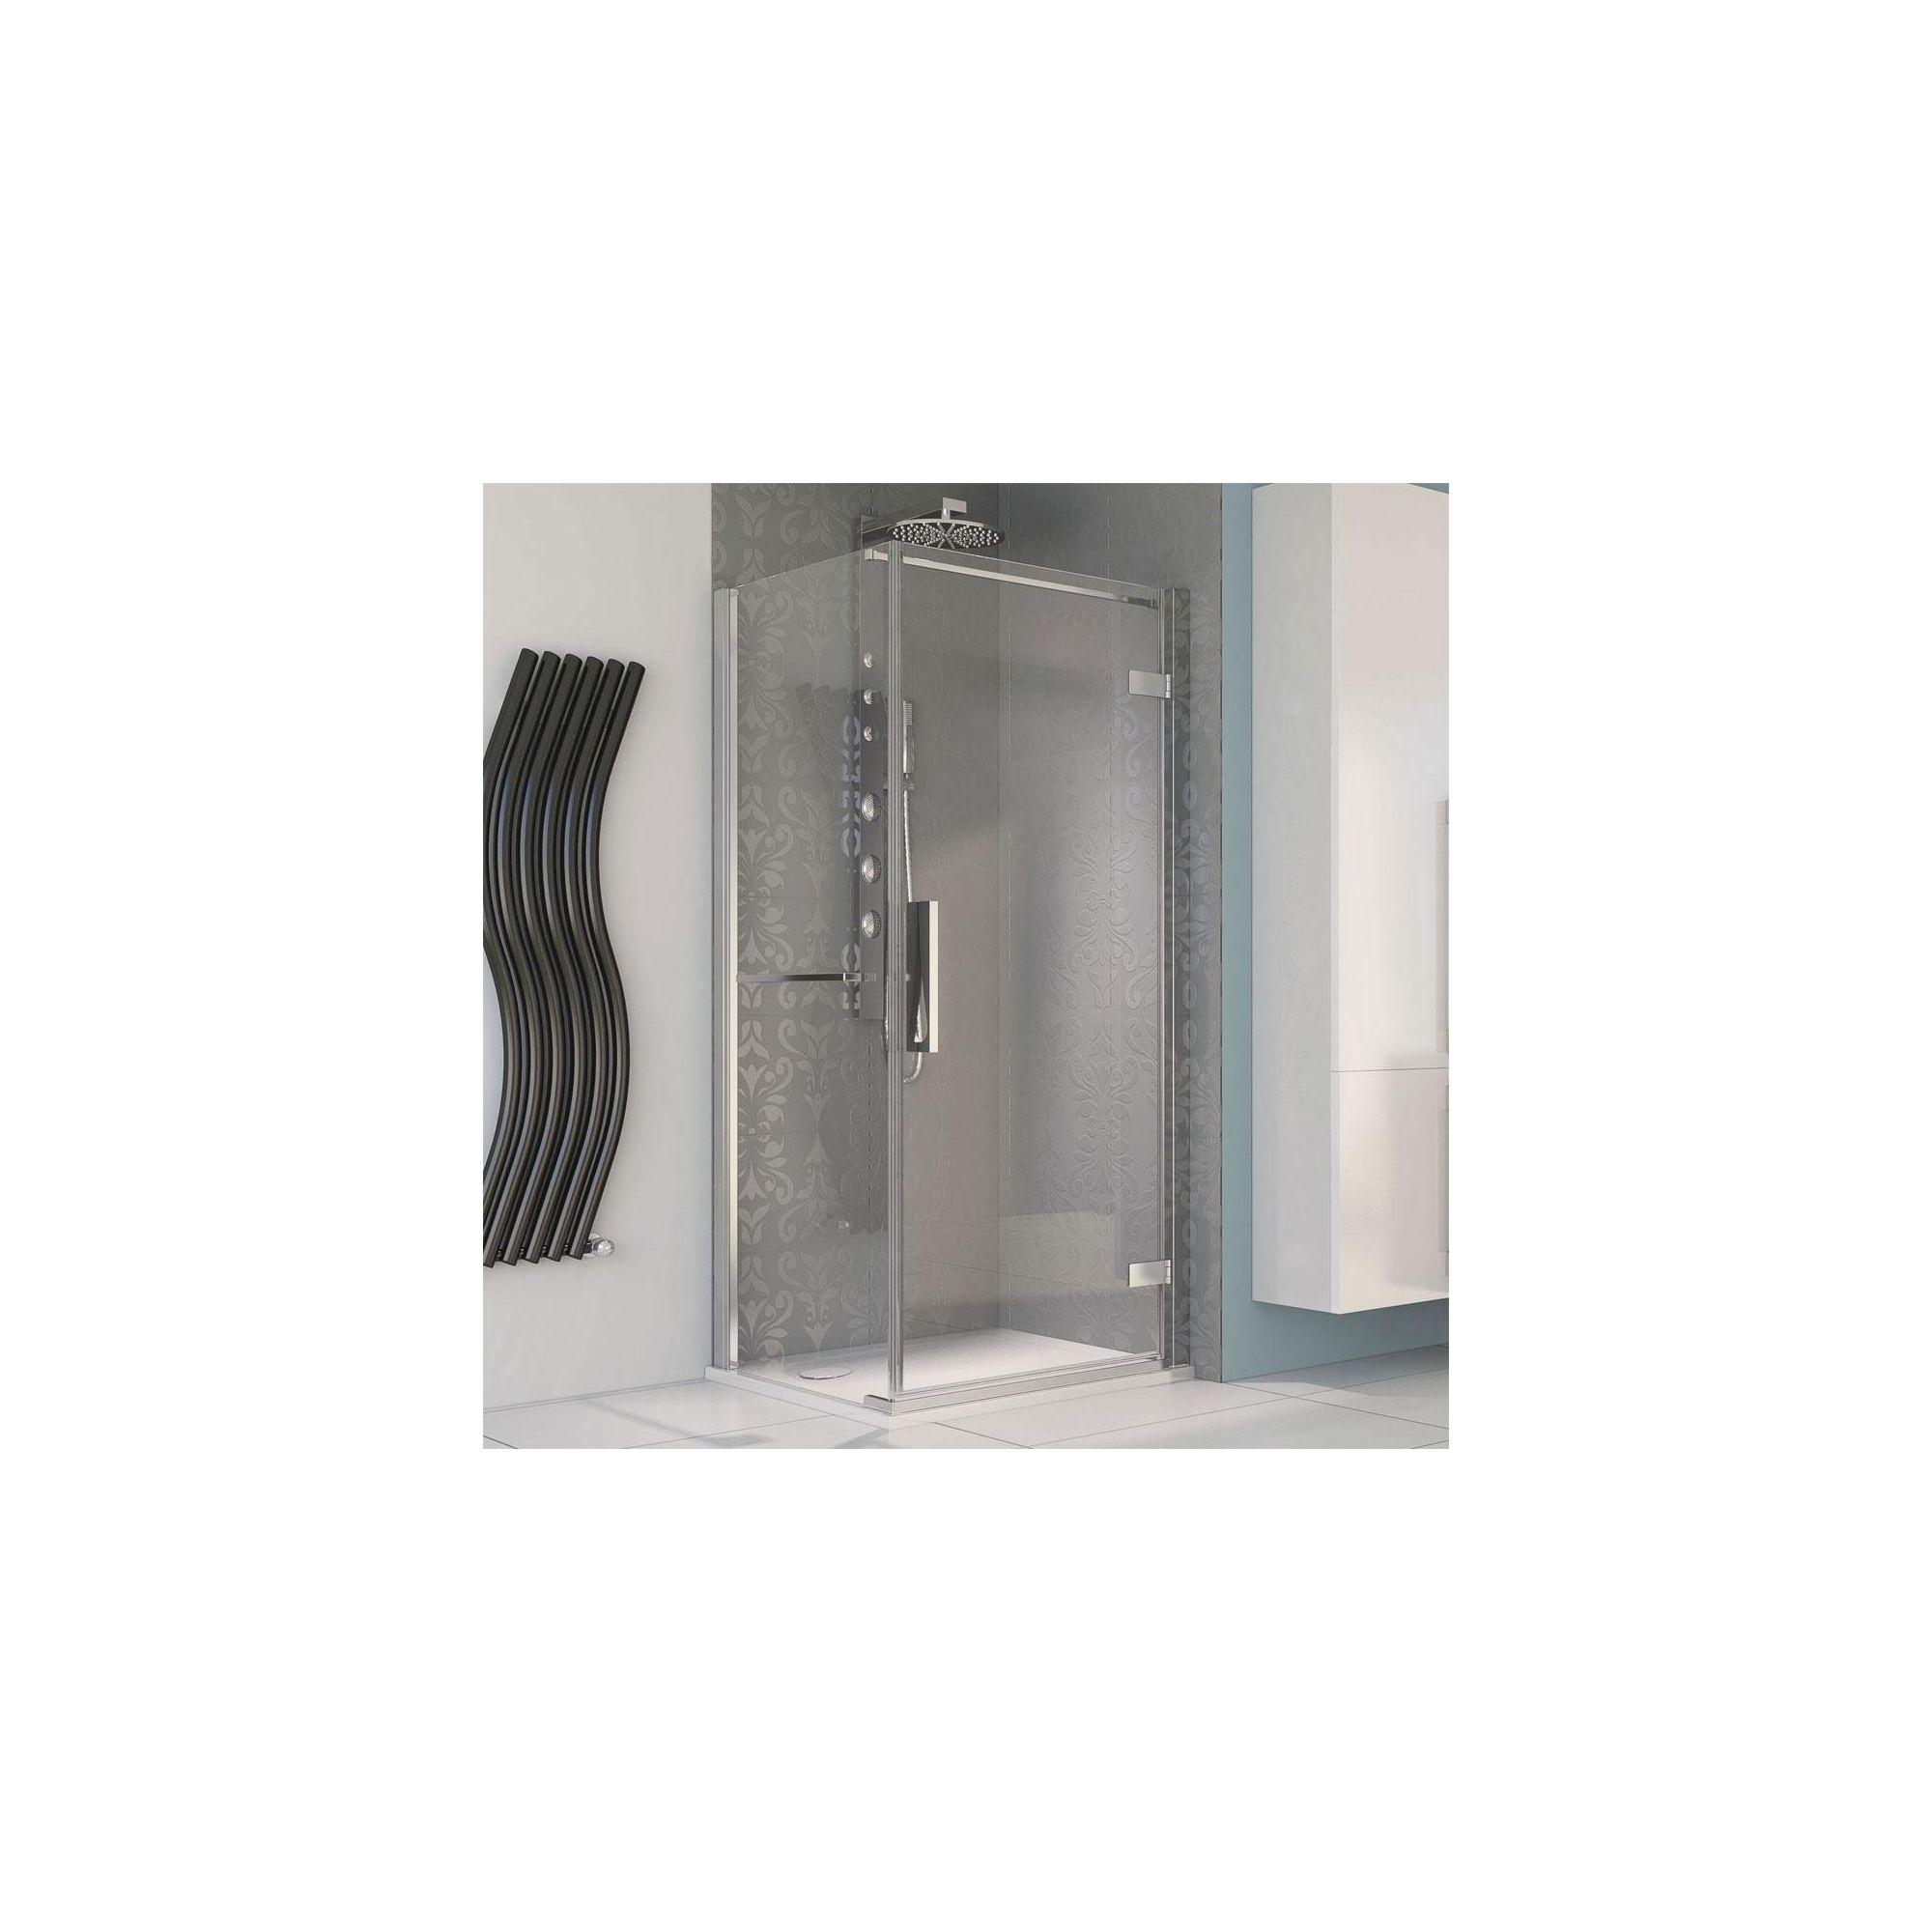 Aqualux AQUA8 Hinge Pivot Shower Door, 800mm Wide, Polished Silver Frame, 8mm Glass at Tesco Direct